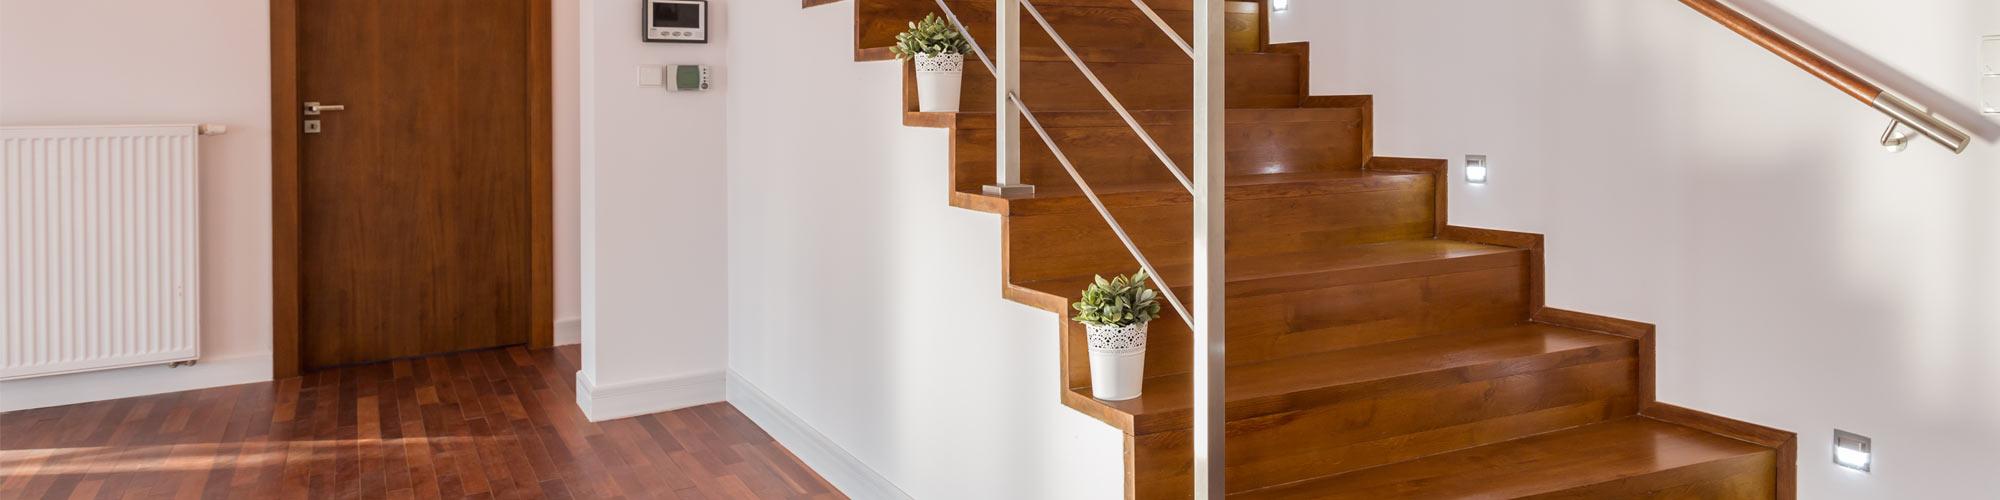 Treppen Renovierung